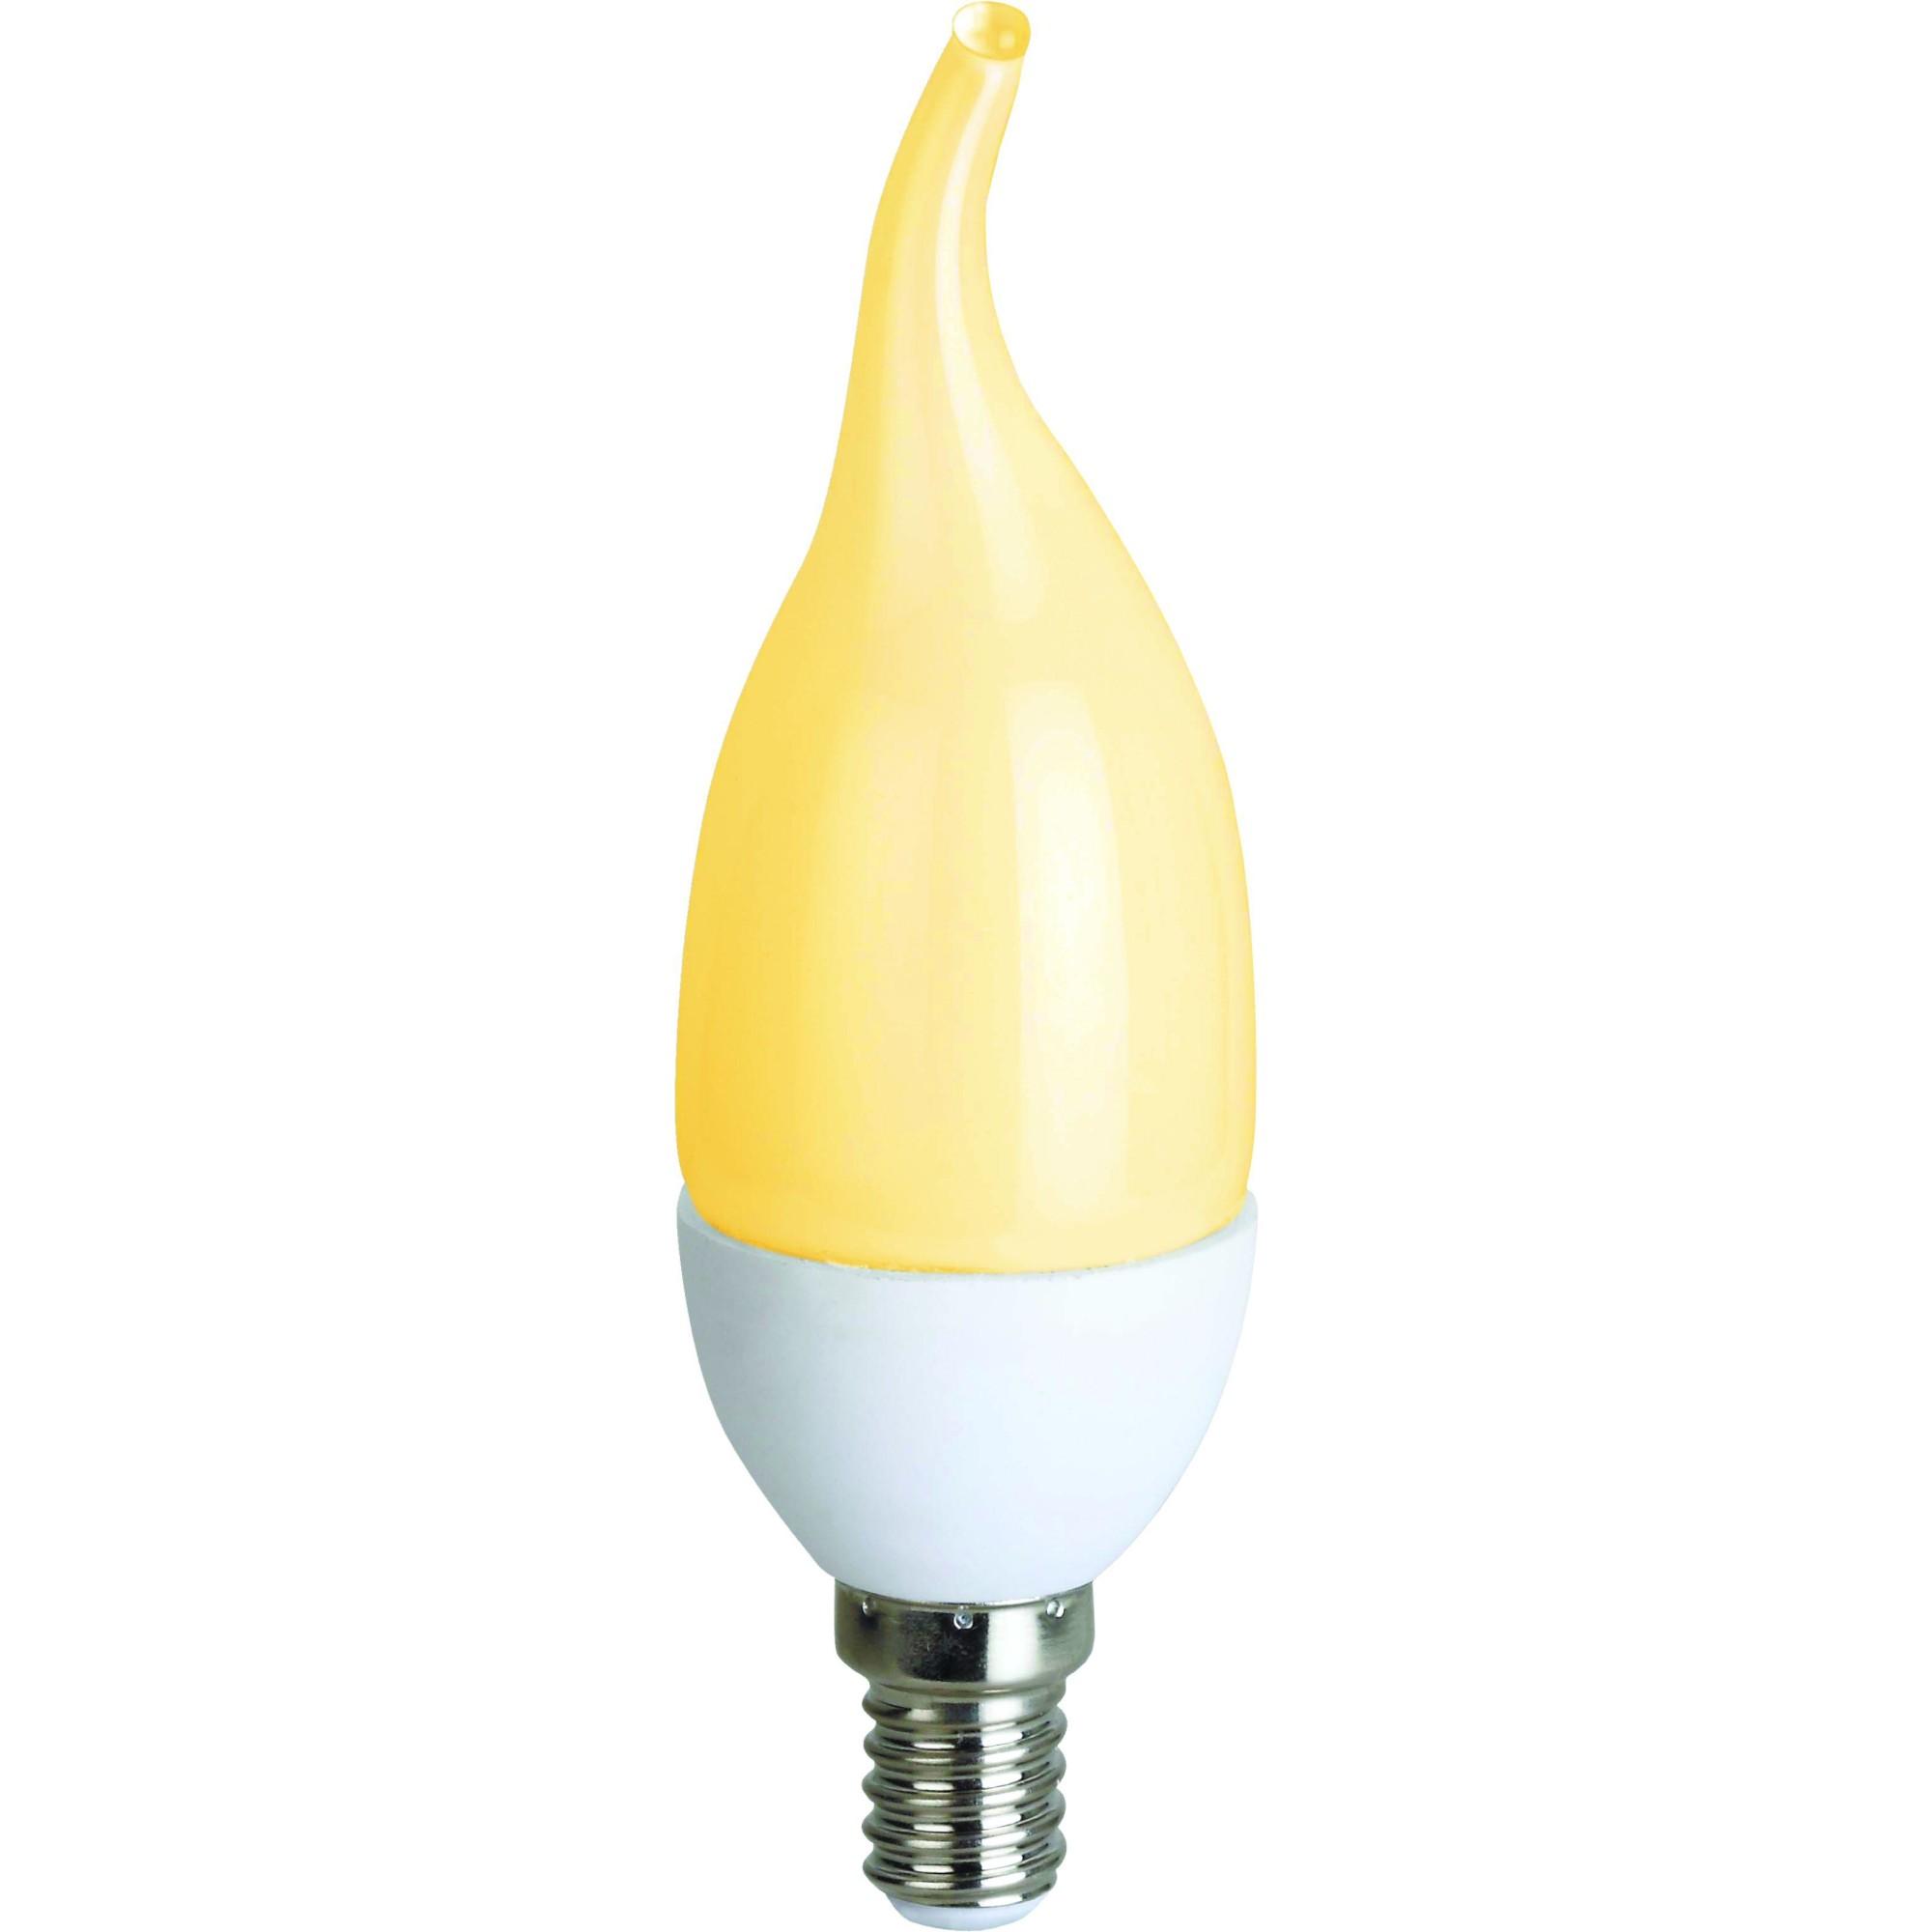 Лампа Ecola стандарт светодионая E14 7 Вт свеча на ветру 560 Лм теплый свет